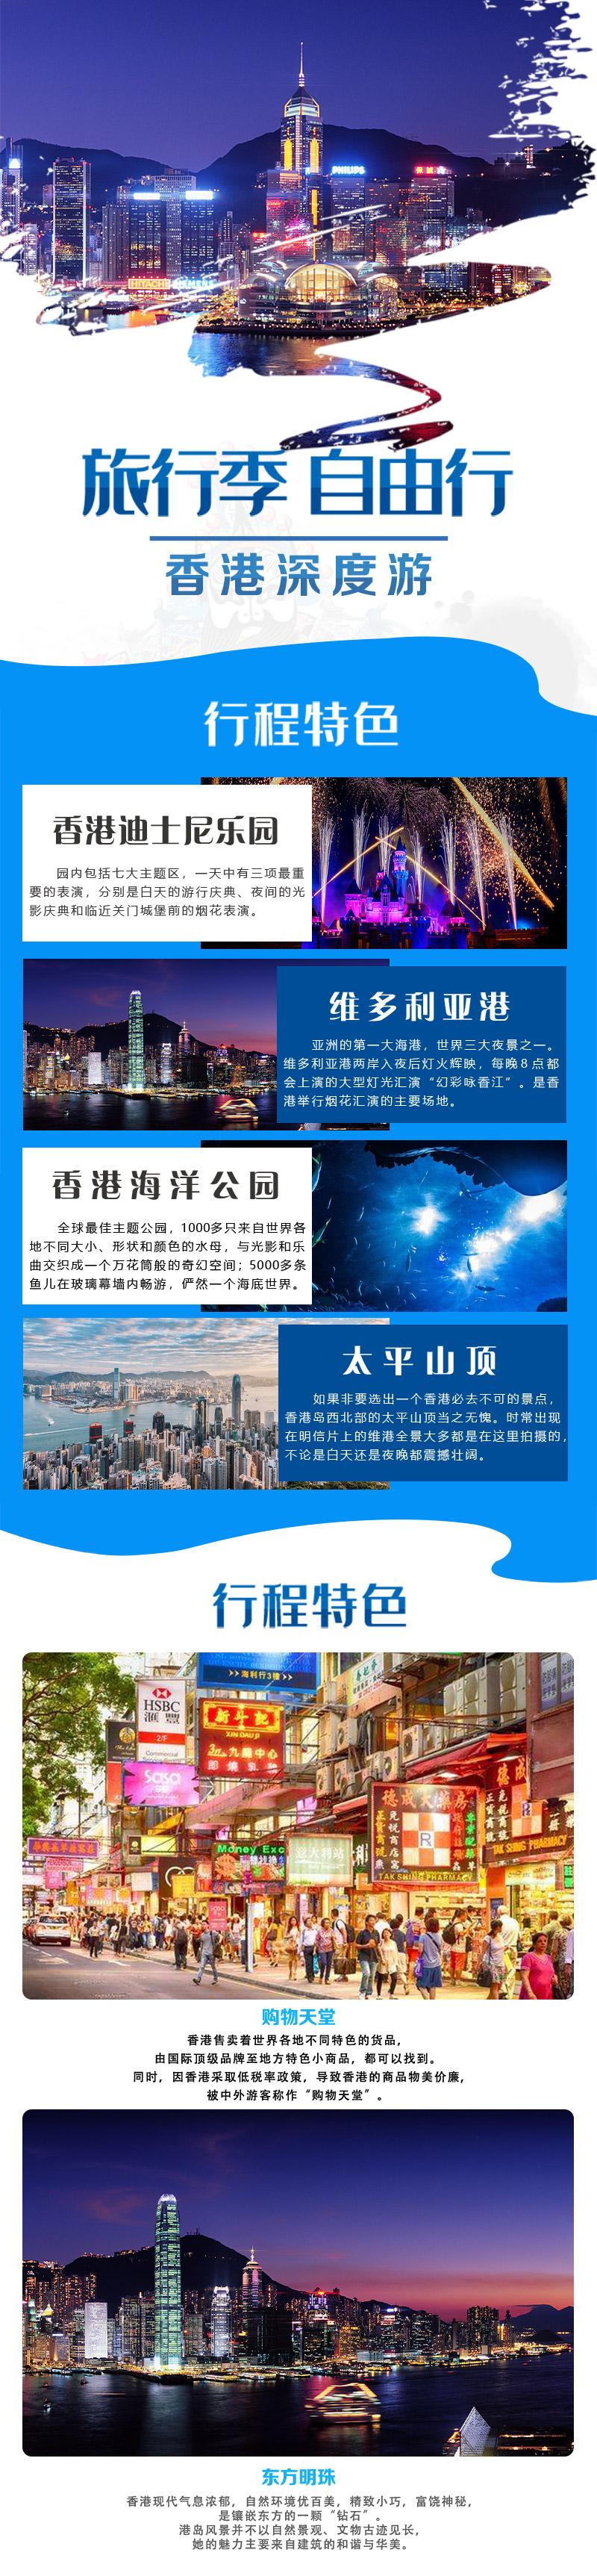 香港旅游.jpg